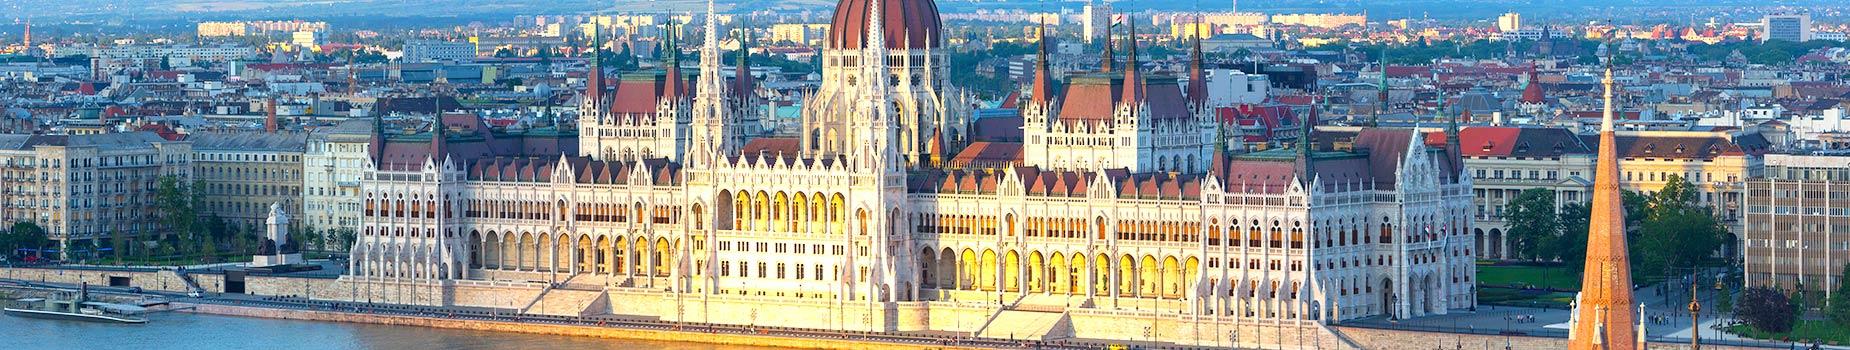 Busrondreis Hongarije